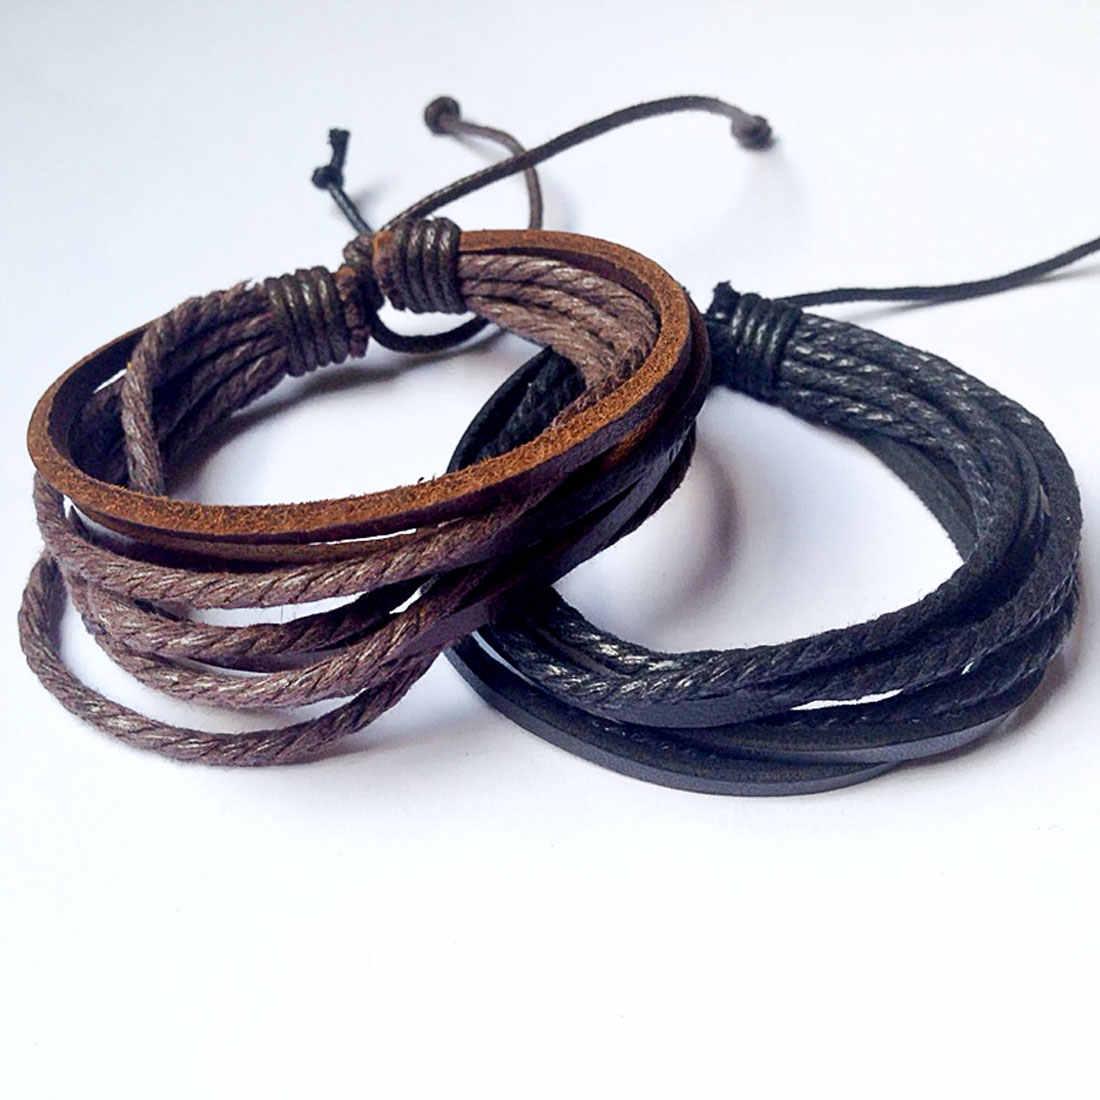 2018 новый тренд, многослойный ручной браслет, модный стиль, мужской и женский браслет для пары, повседневный Дикий мужской кожаный браслет